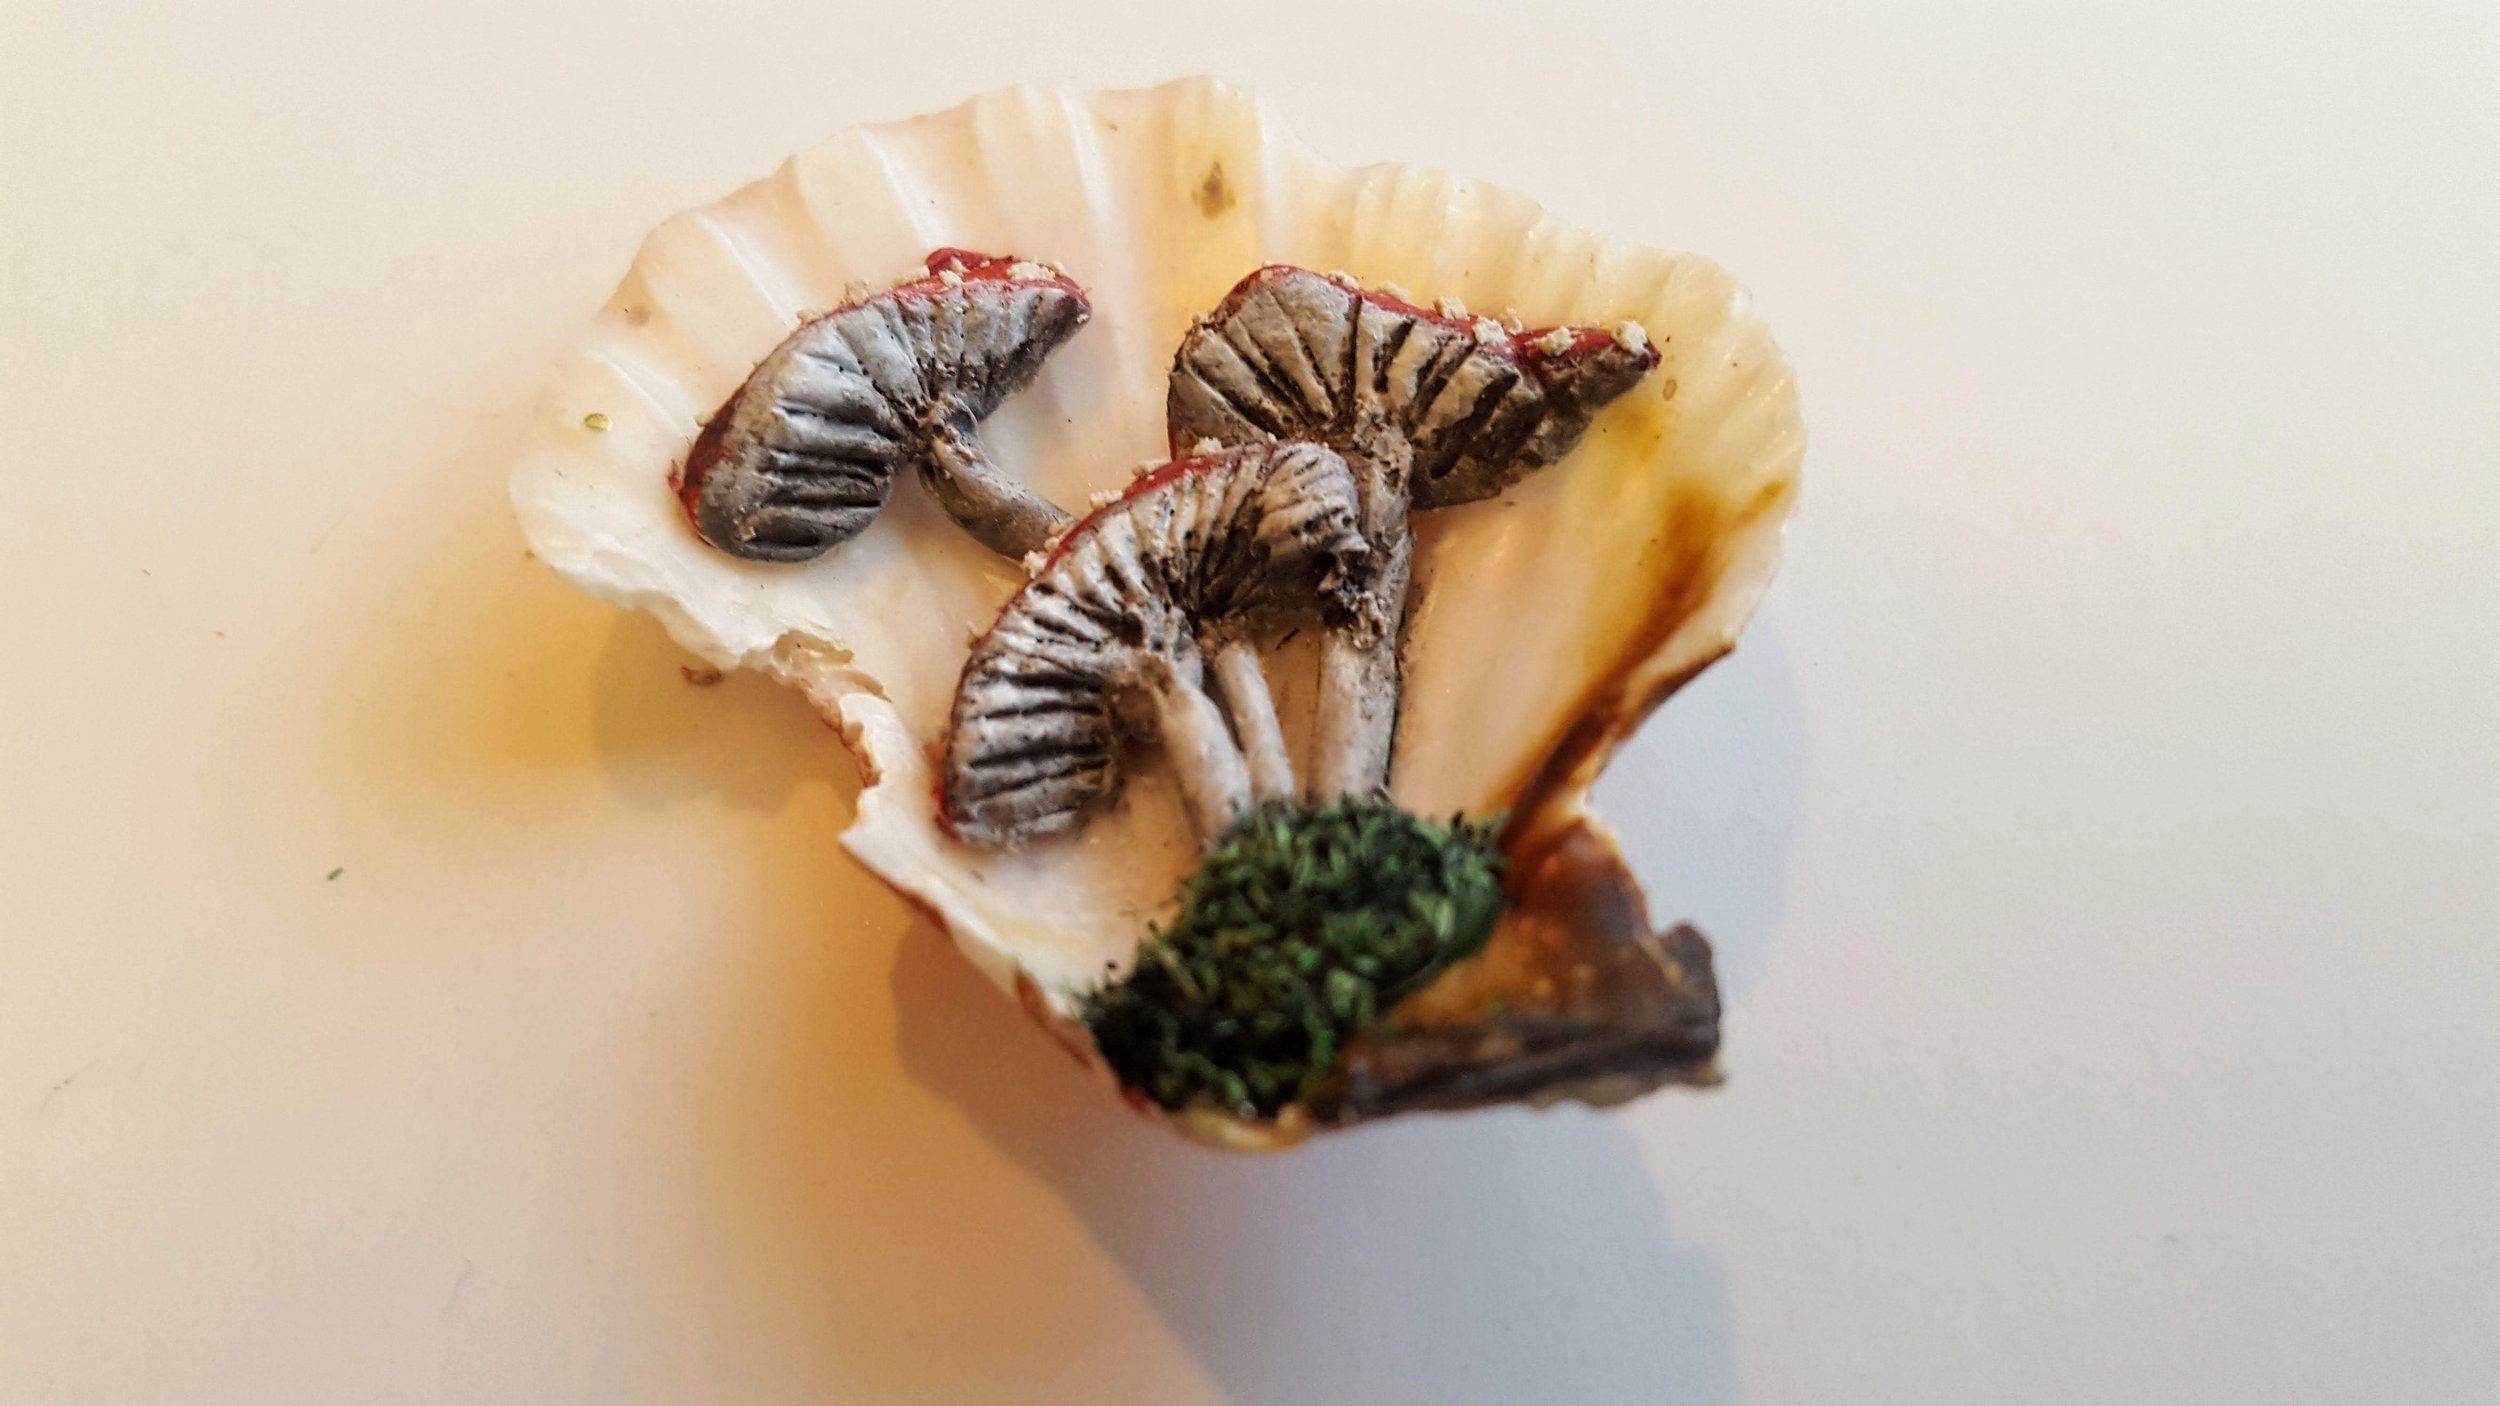 Seashell Mushroom Miniature - Buy Now!